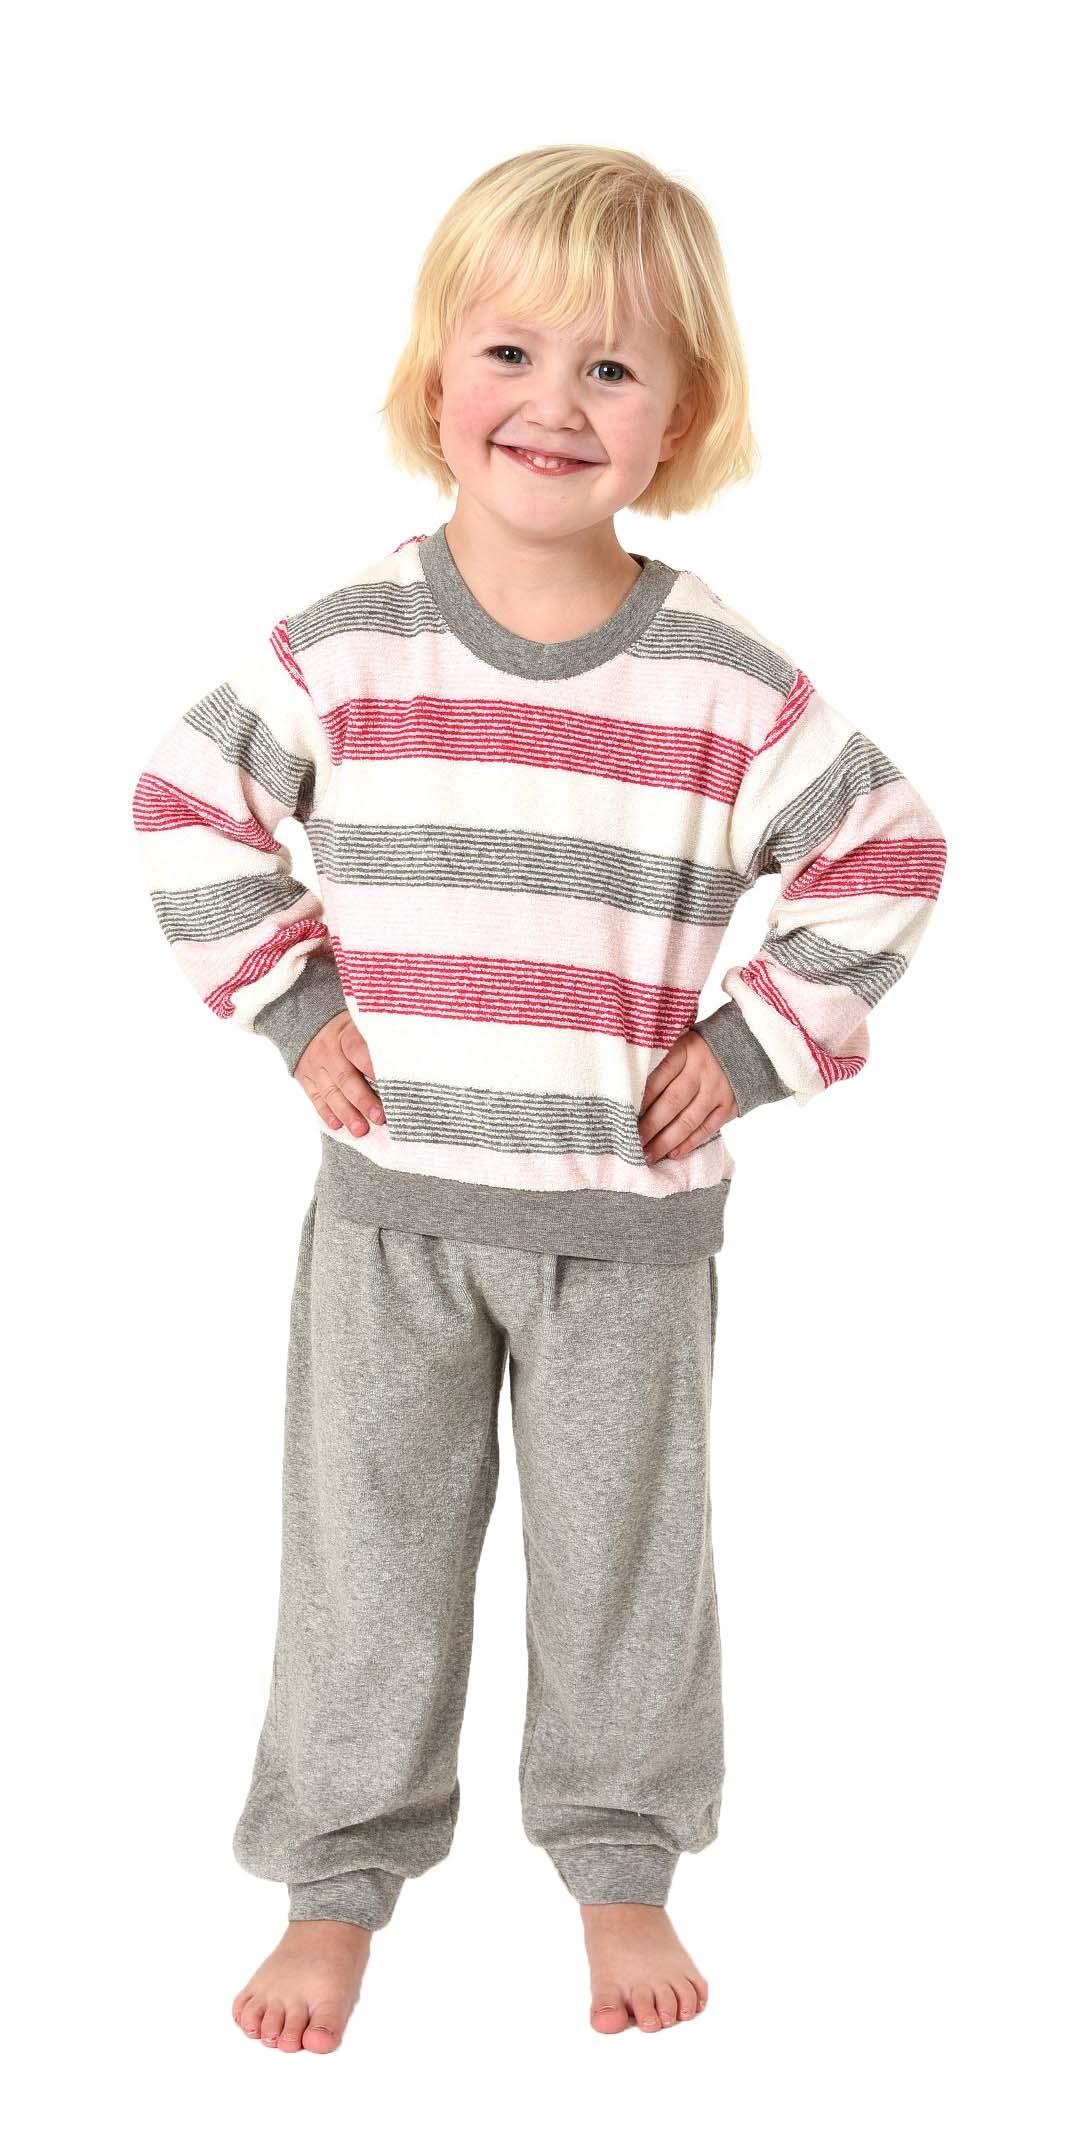 2416d6866c Mädchen Pyjama Polarfrottee, langer Schlafanzug mit Bündchen Gr. 86-110,  281 701